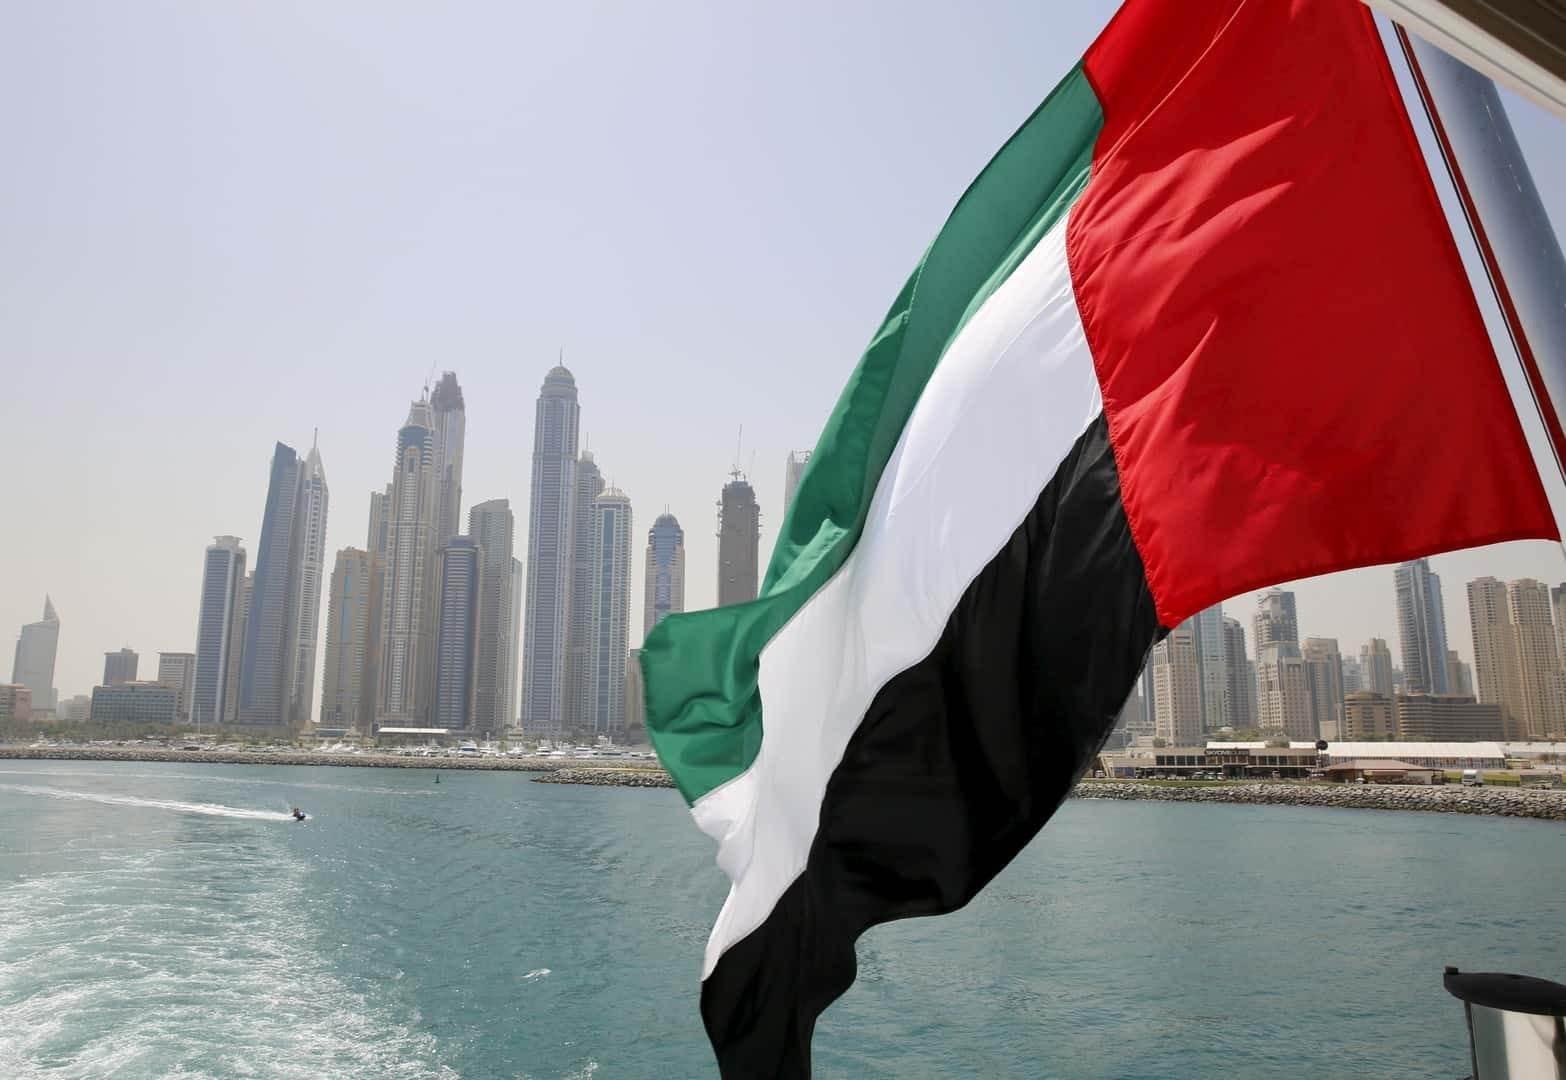 بلغ حجم التبادل التجاري بين الإمارات وإيران 13.5 مليار دولار